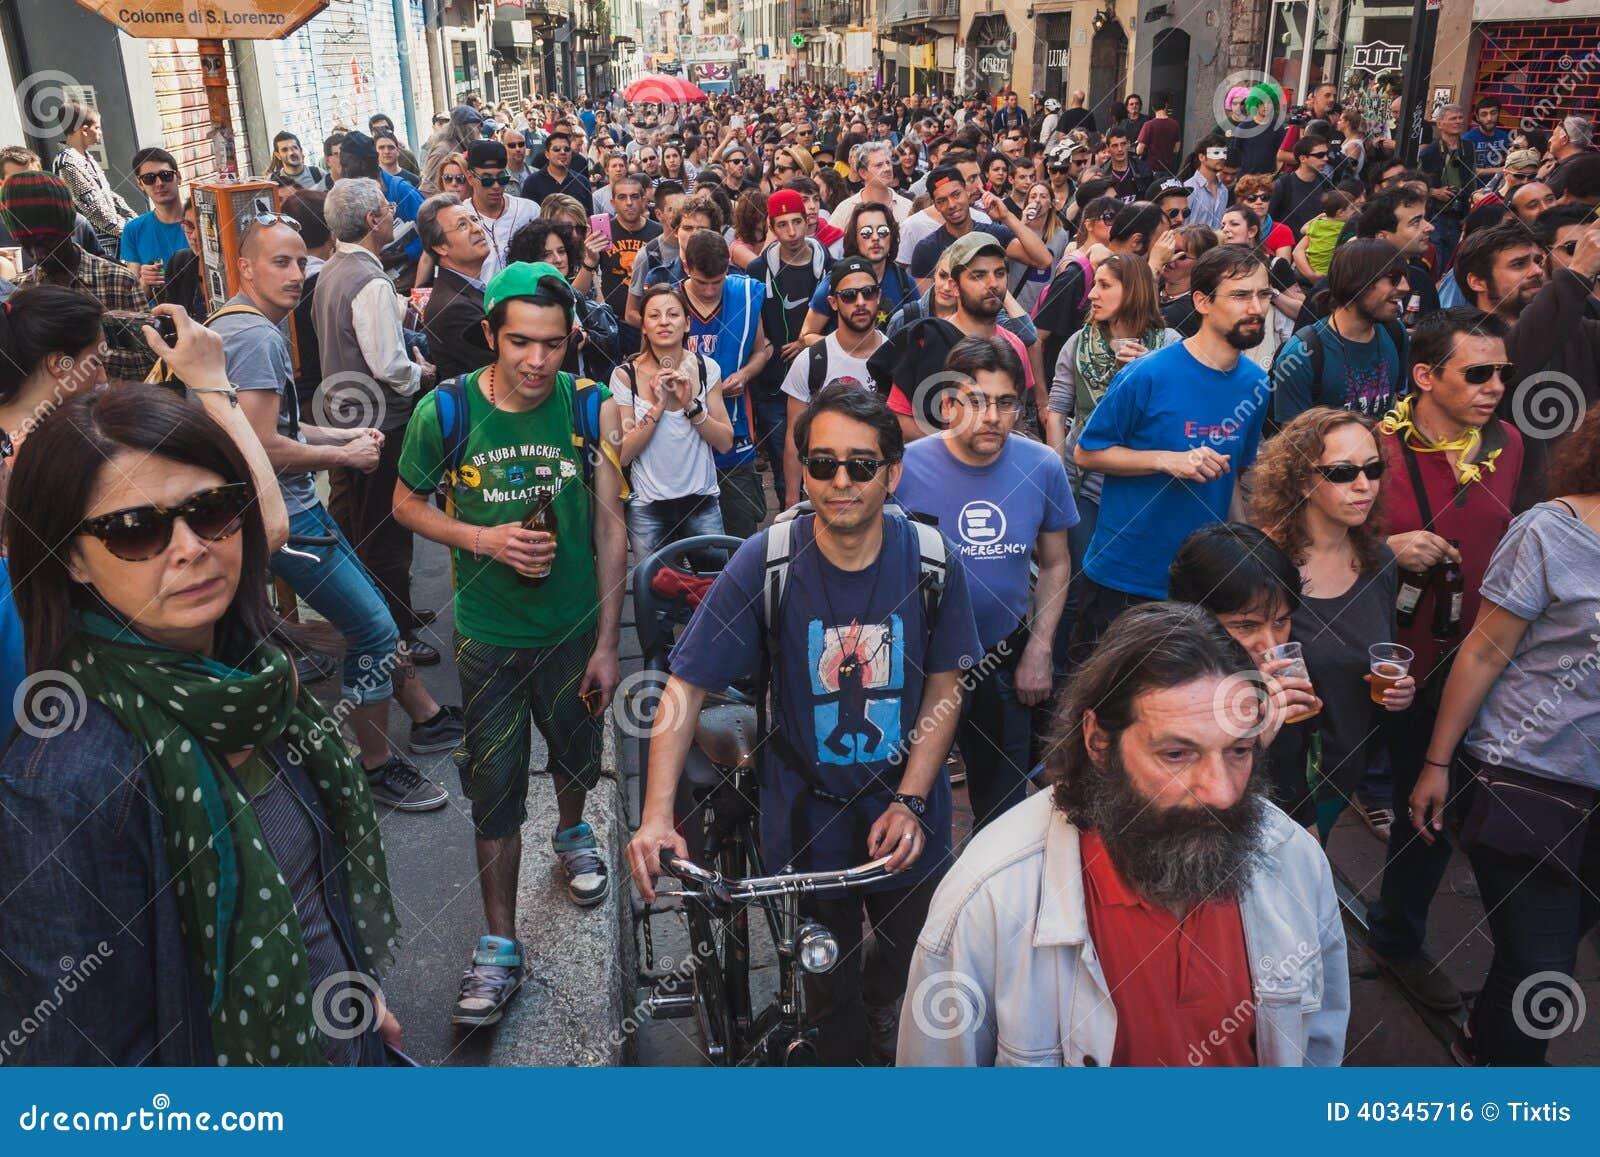 Pueblo Italiano - Página 9 La-gente-que-participa-en-primero-de-mayo-desfila-en-mil%C3%A1n-italia-40345716